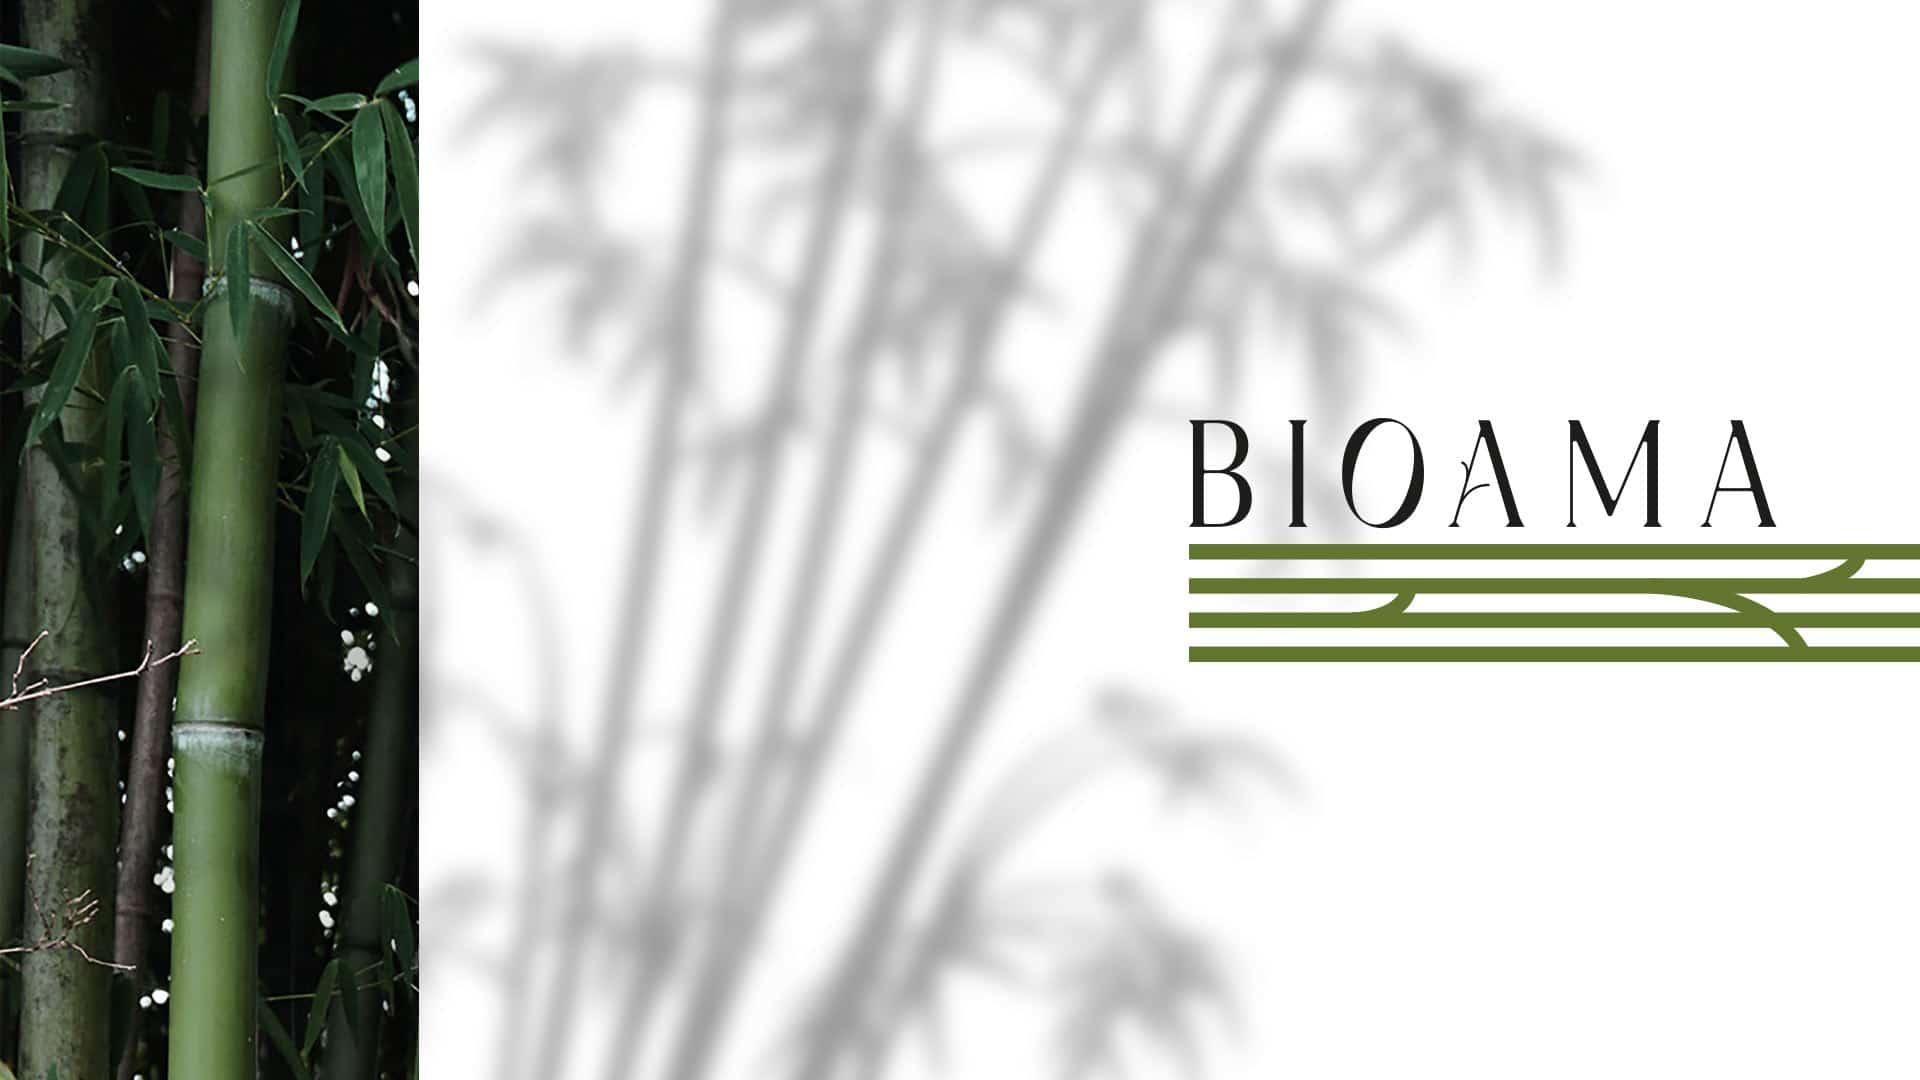 04 bioama green grafico milano image